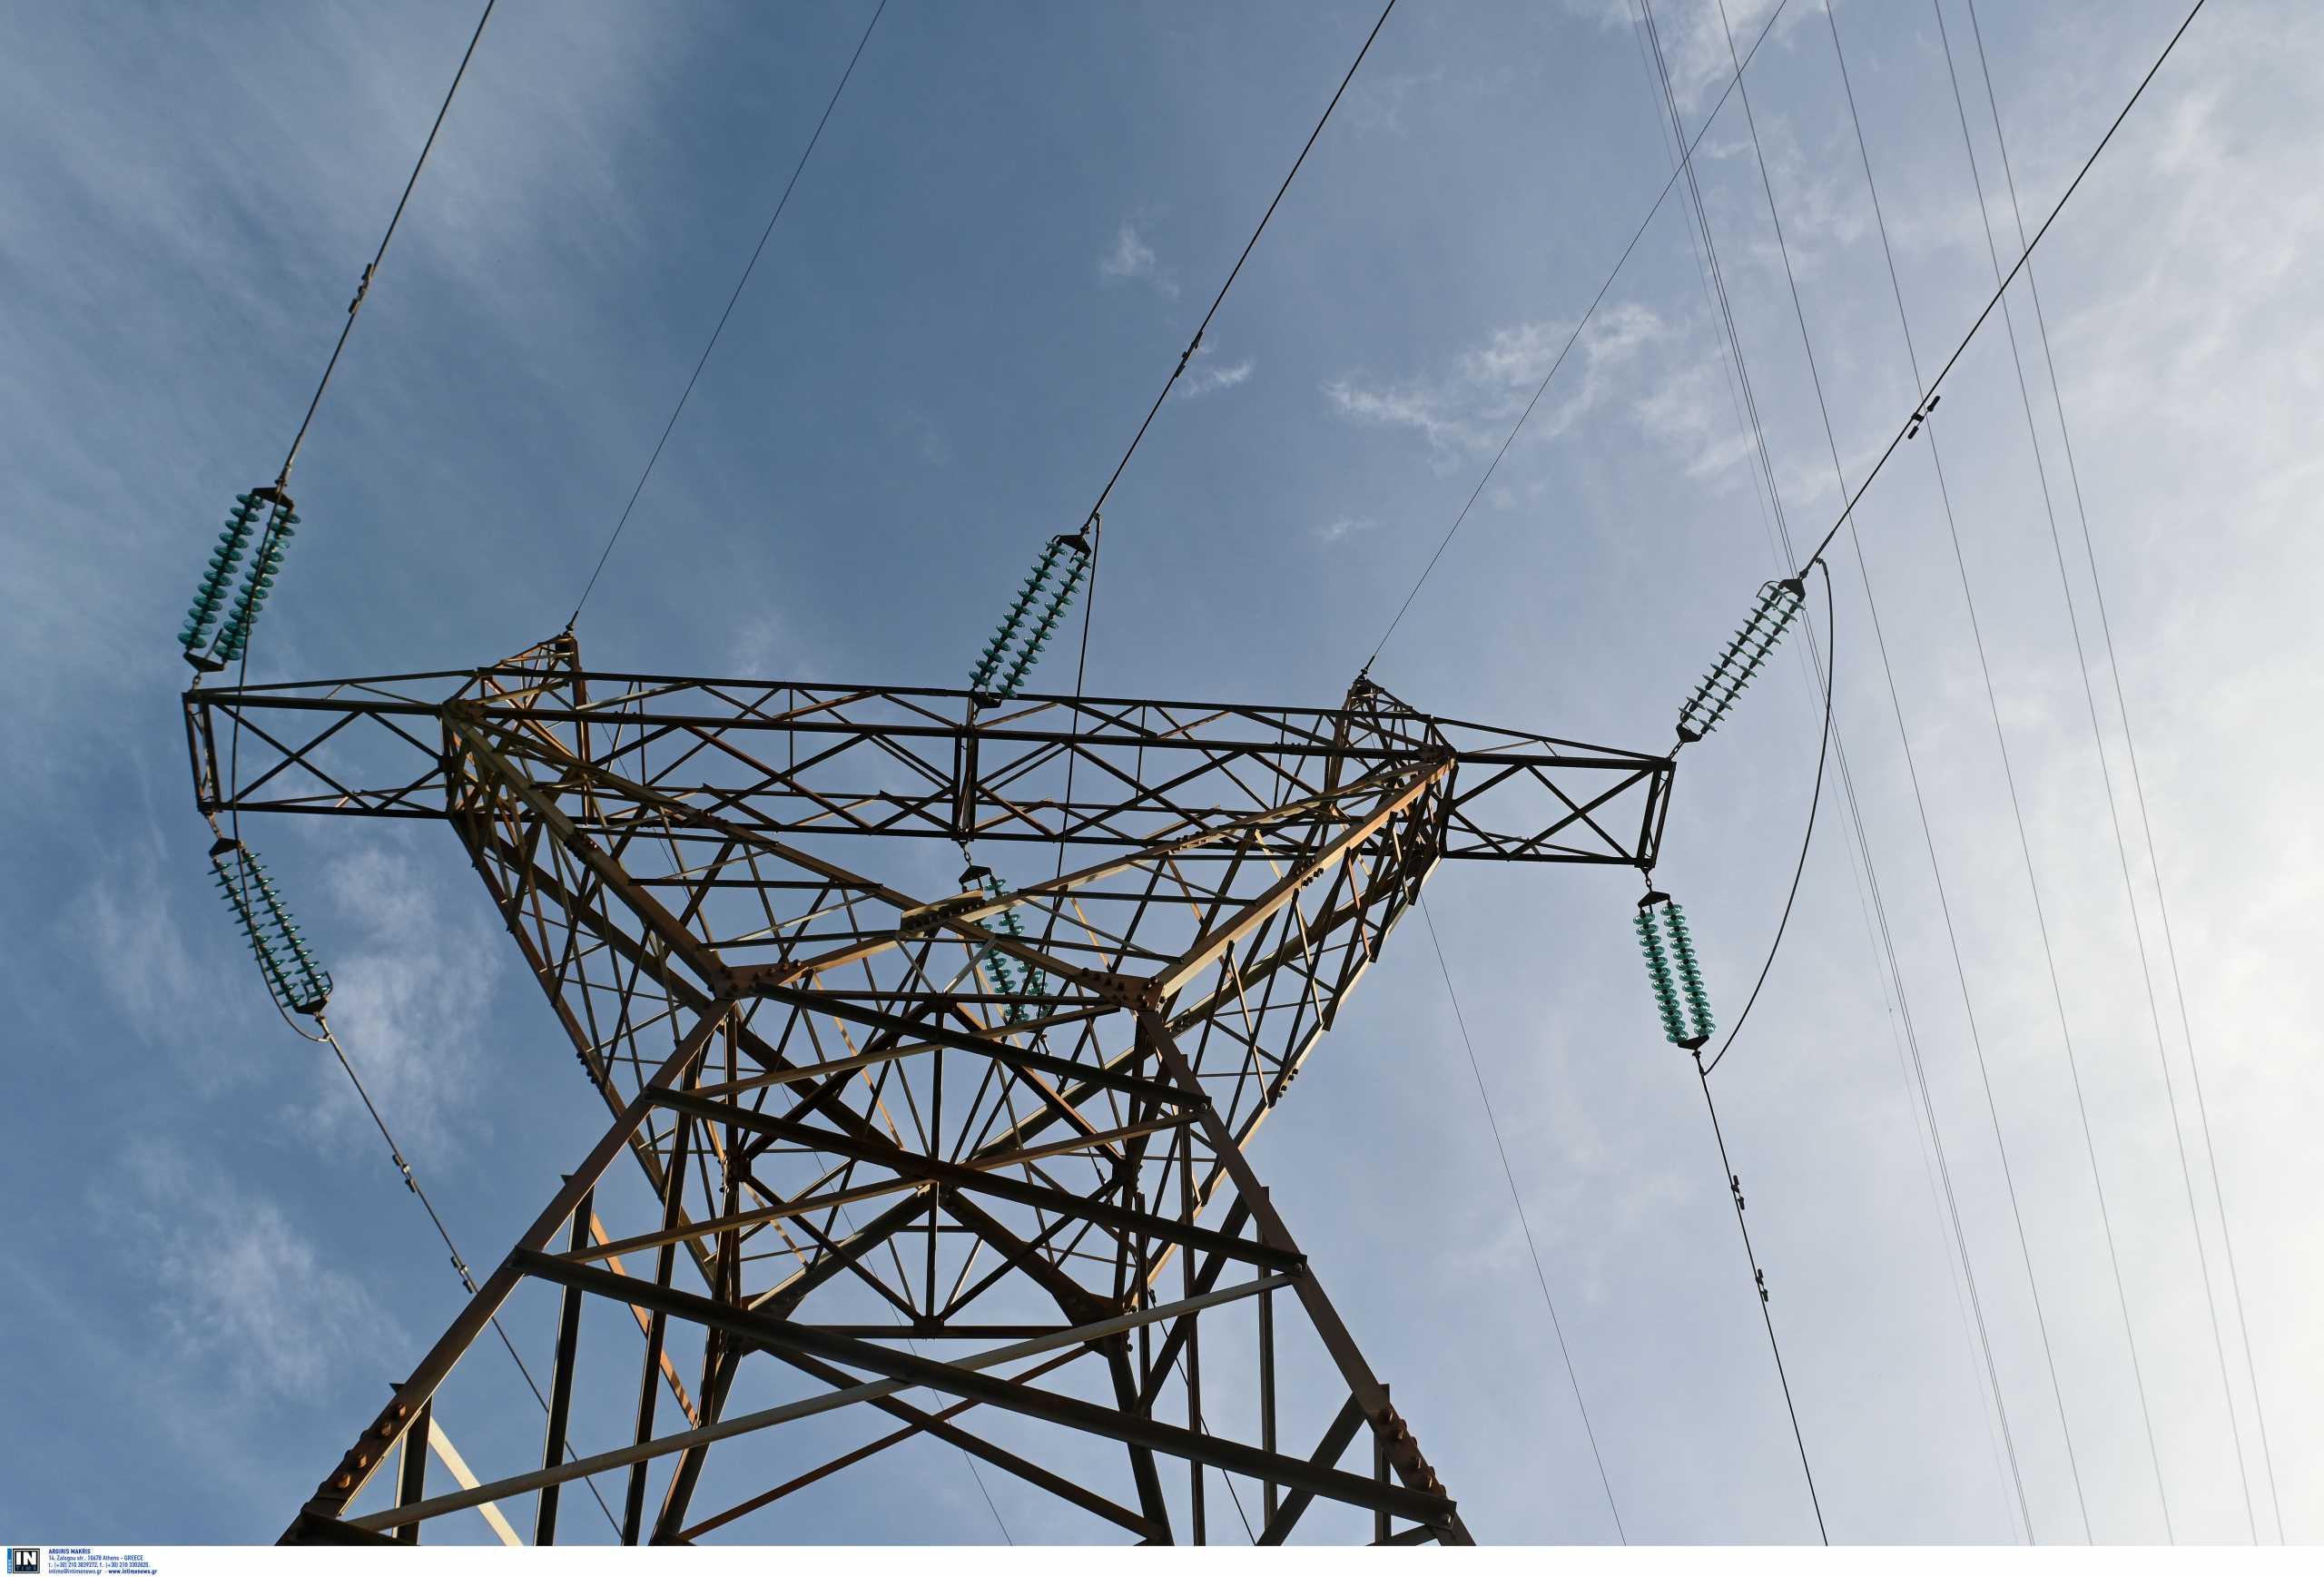 Παραγωγή ενέργειας: Αυξάνεται το όριο και απλοποιούνται οι διαδικασίες – Ποιες περιοχές αφορά